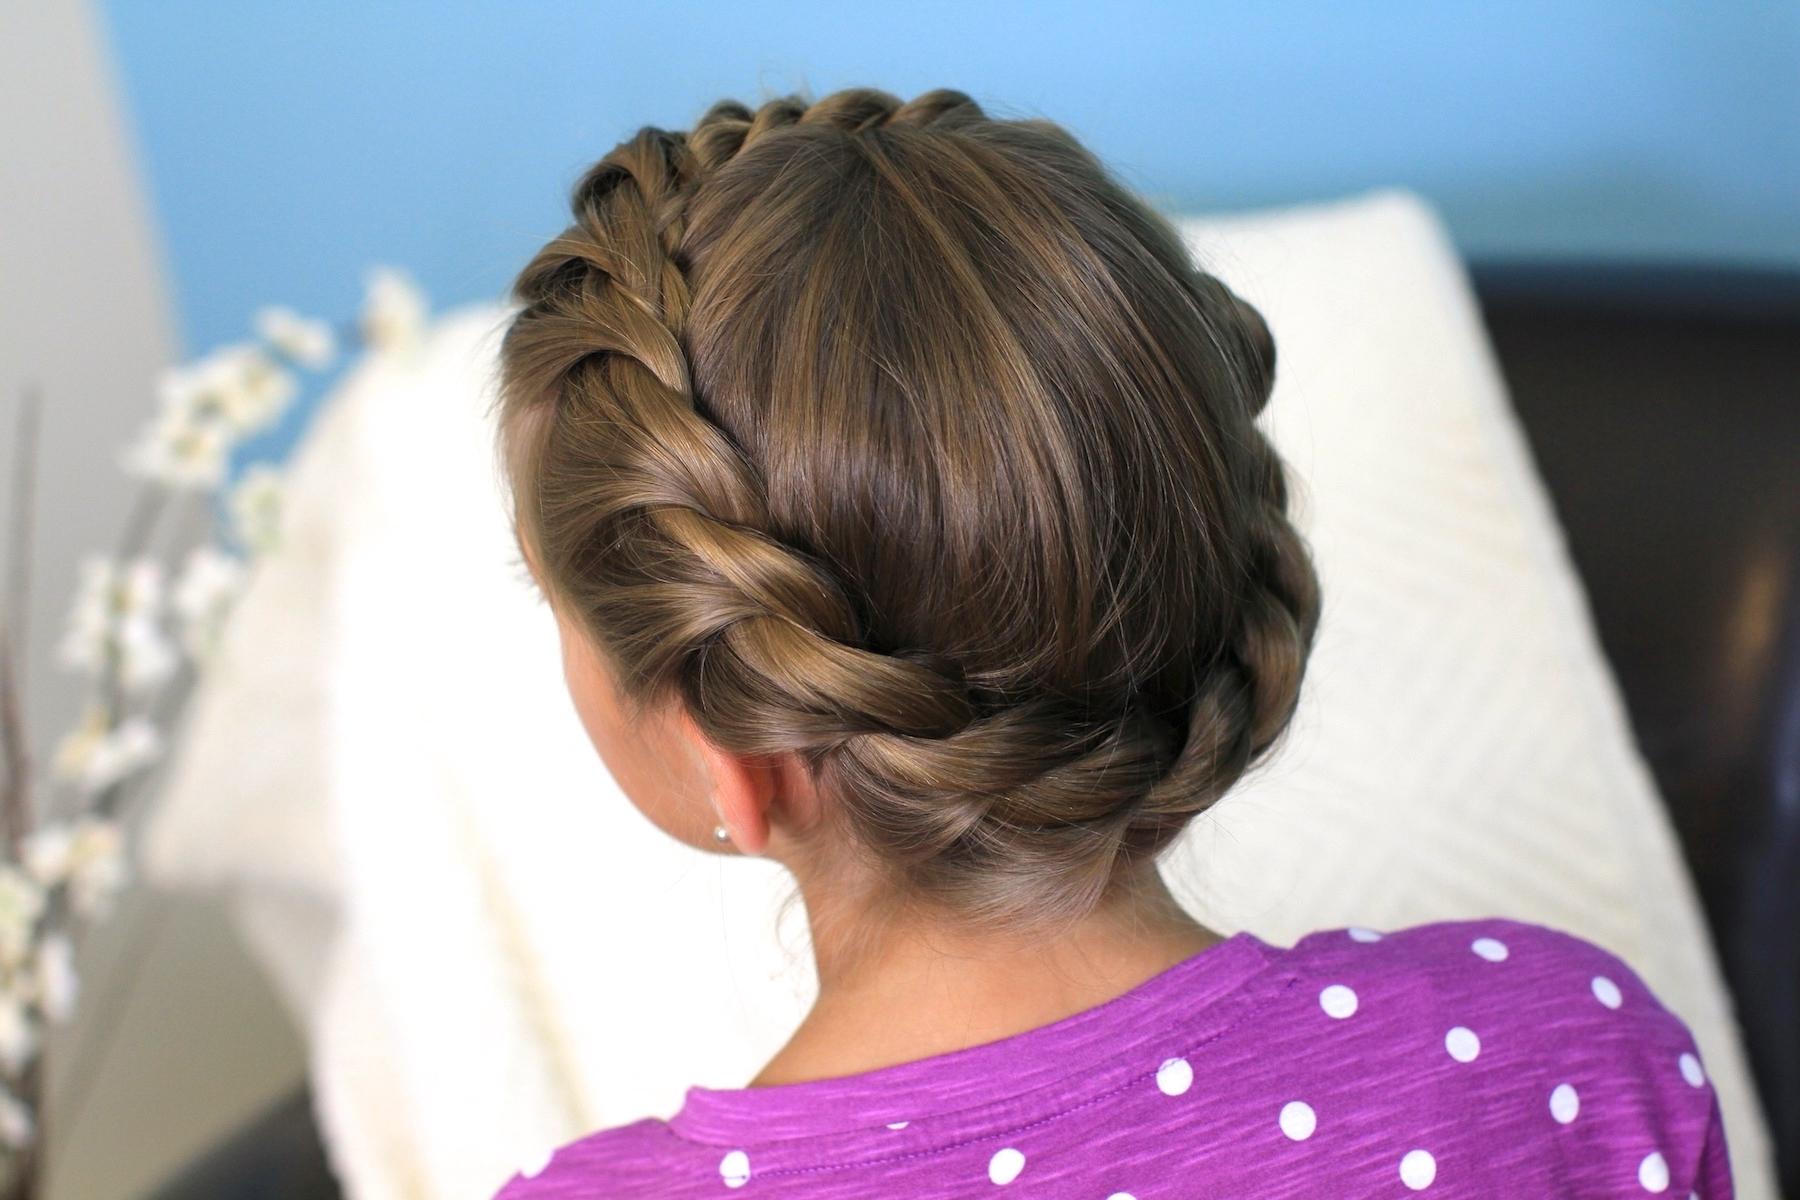 Crown Rope Twist Braid | Updo Hairstyles | Cute Girls Hairstyles Intended For Little Girl Updo Hairstyles (View 15 of 15)